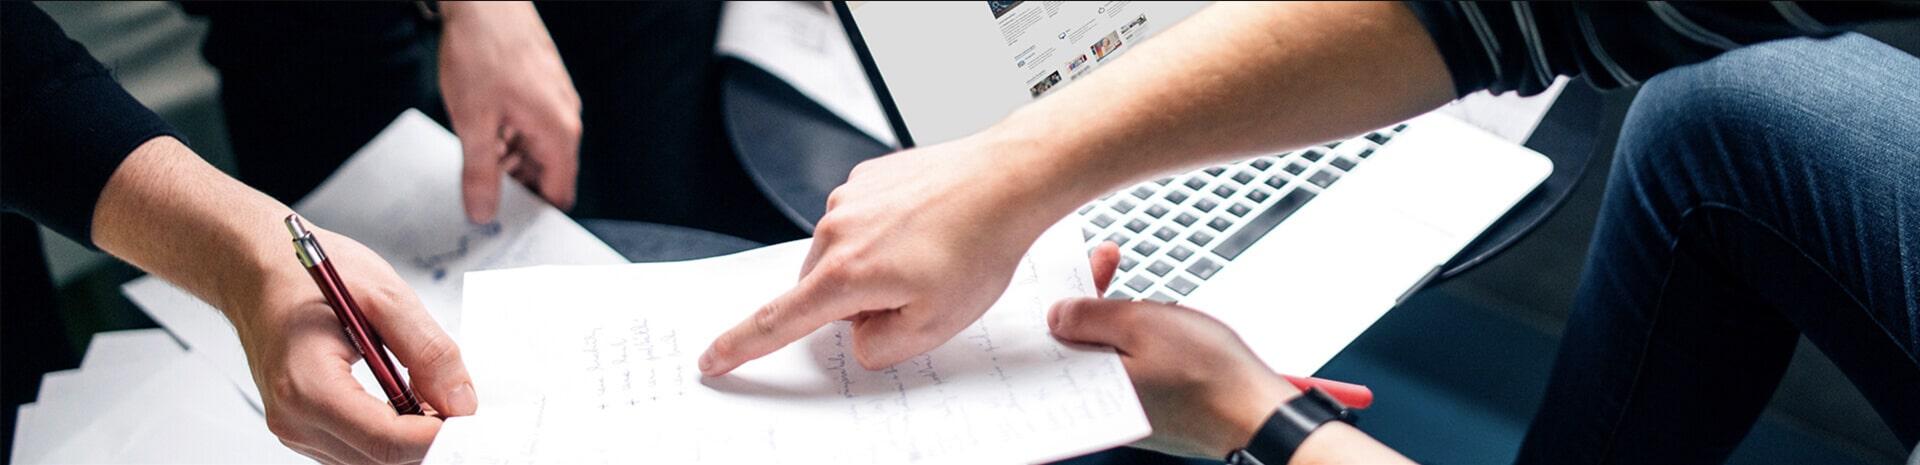 Headerbild Webseiten-Betreuung - Stephan-Benz.de